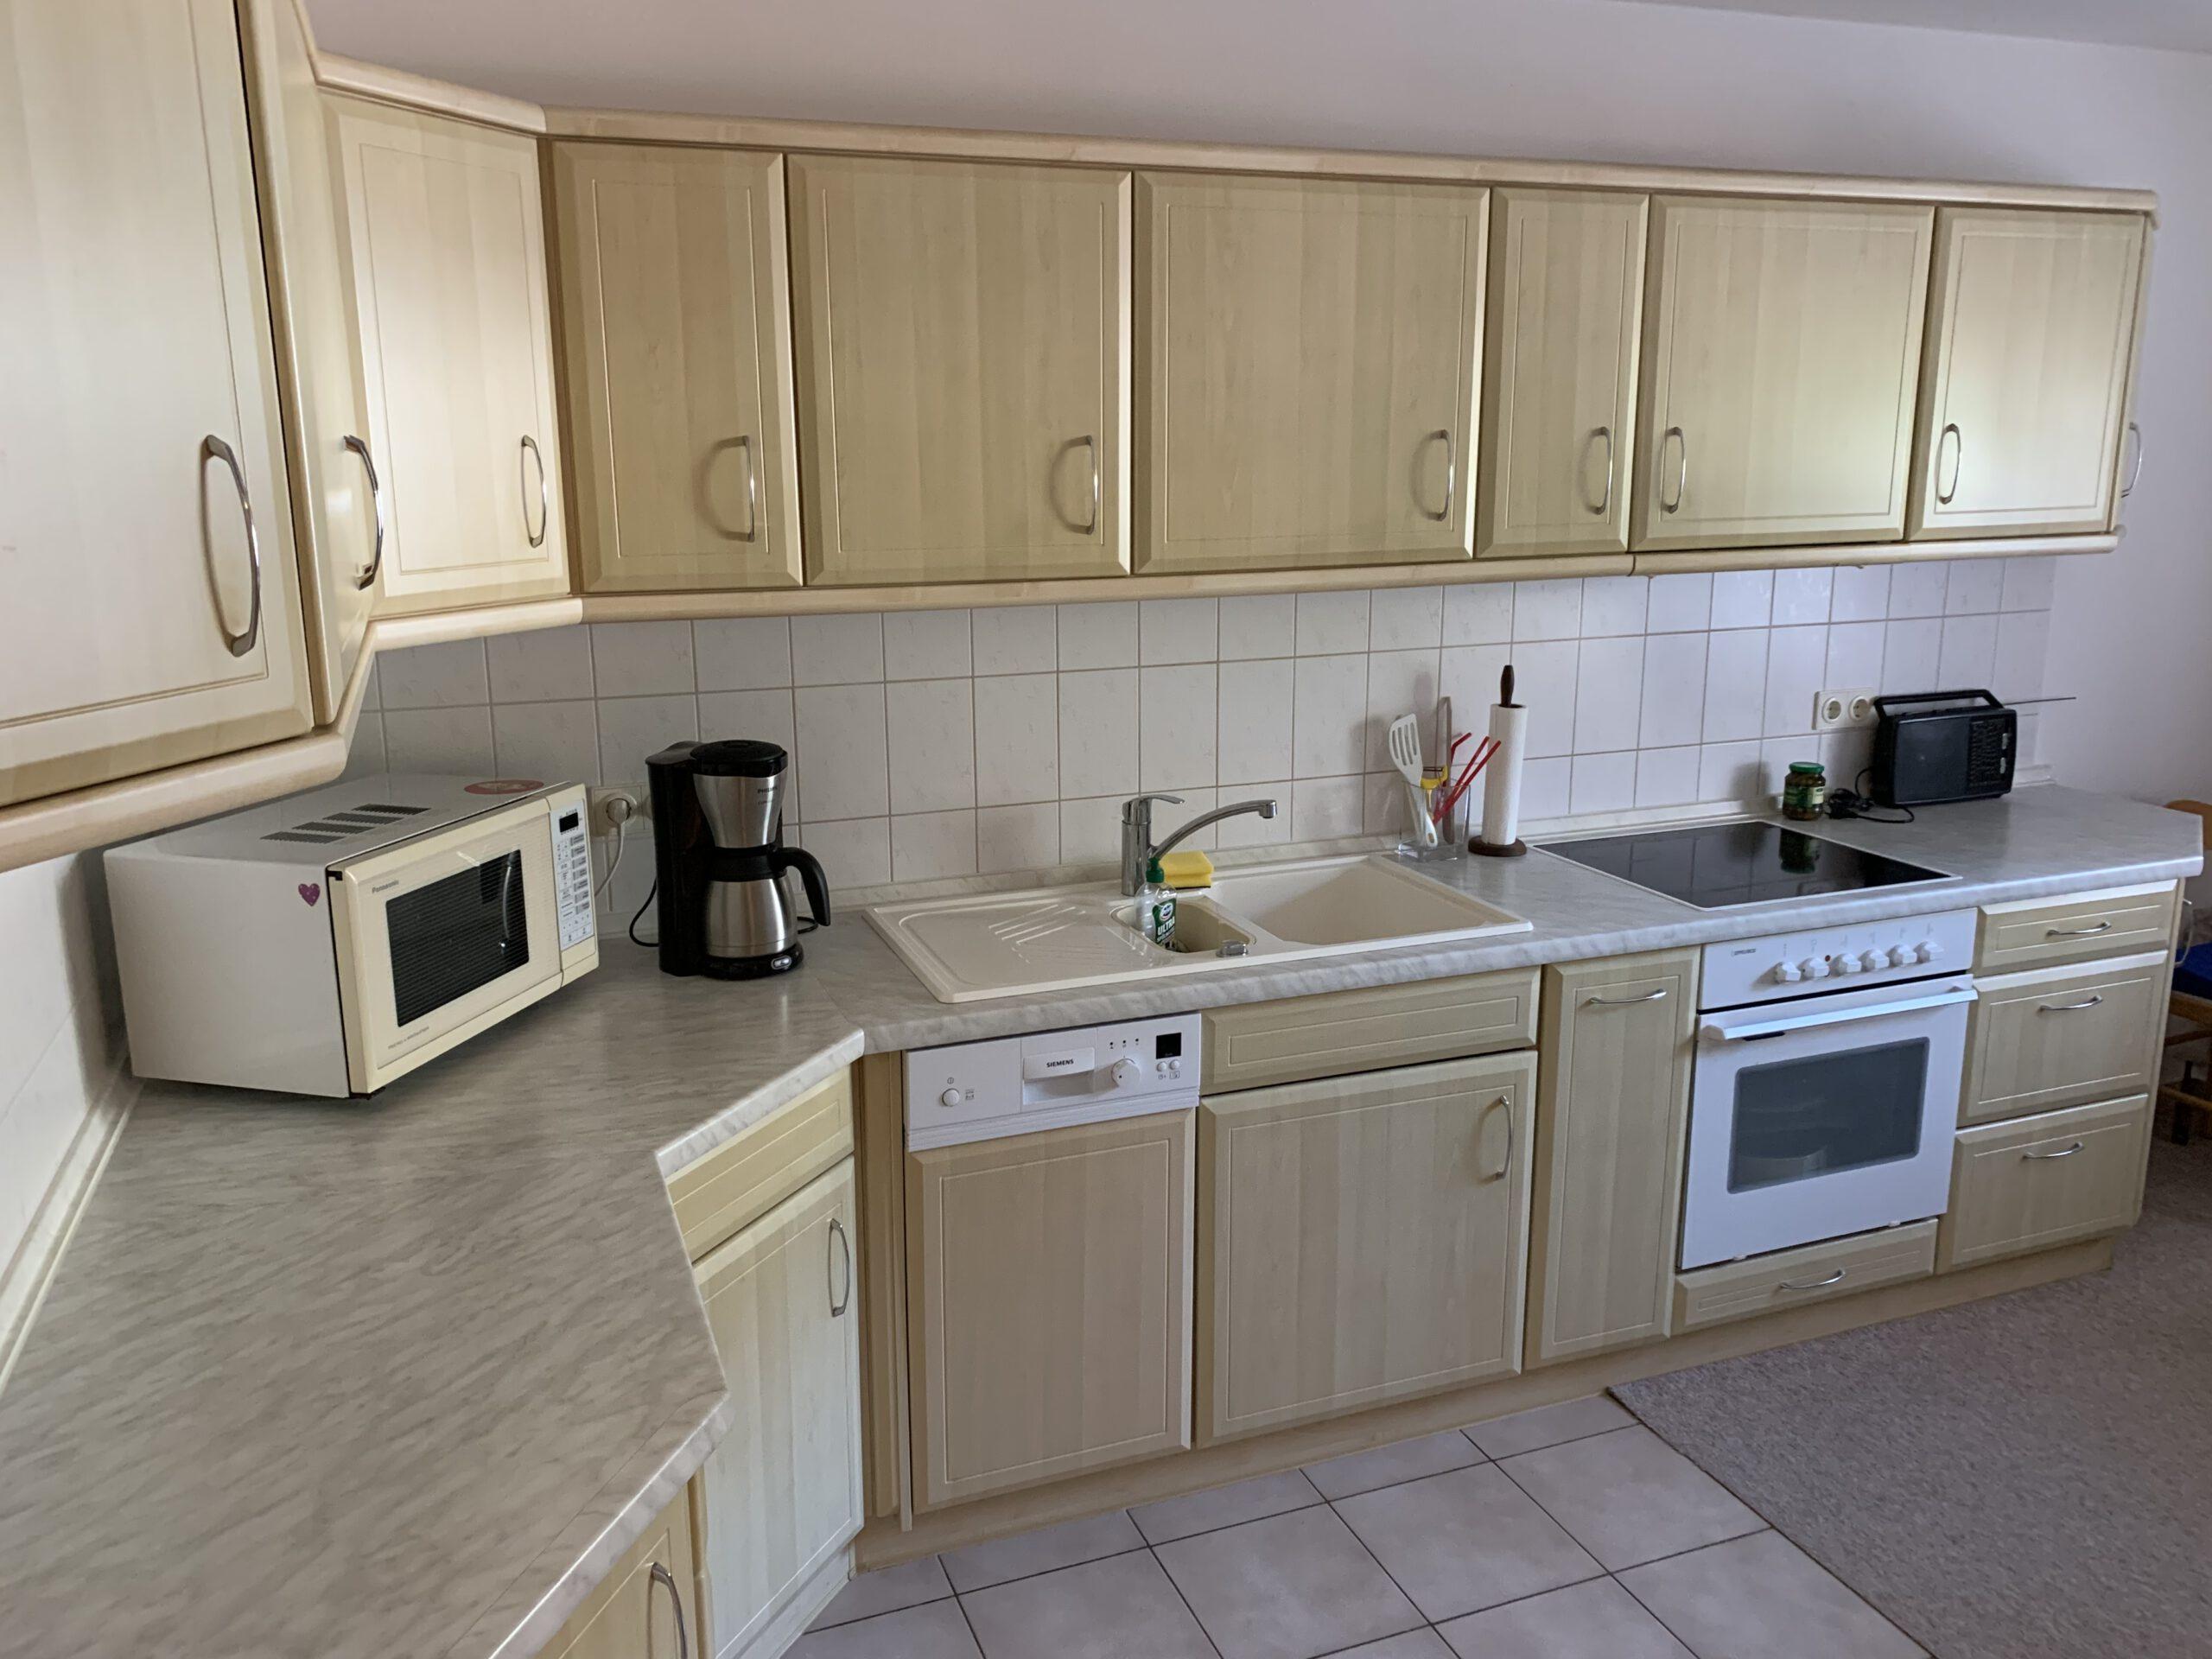 Einfamilienhaus in Bennstedt - Einbauküche